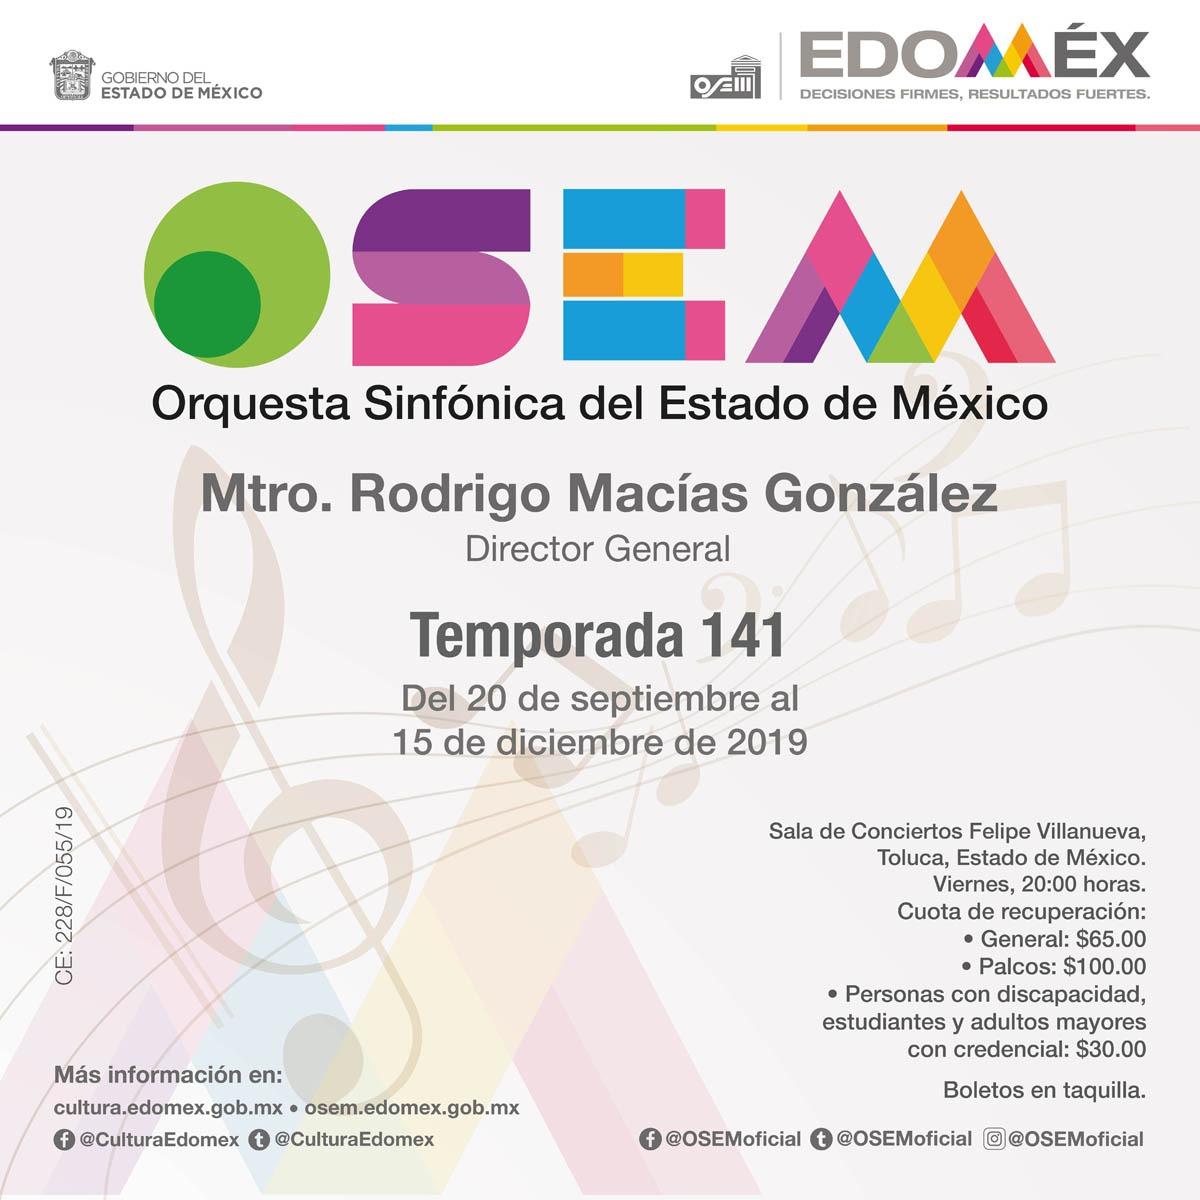 Estas actividades podrían interesarte para este fin de semana - Sep 18, 2019